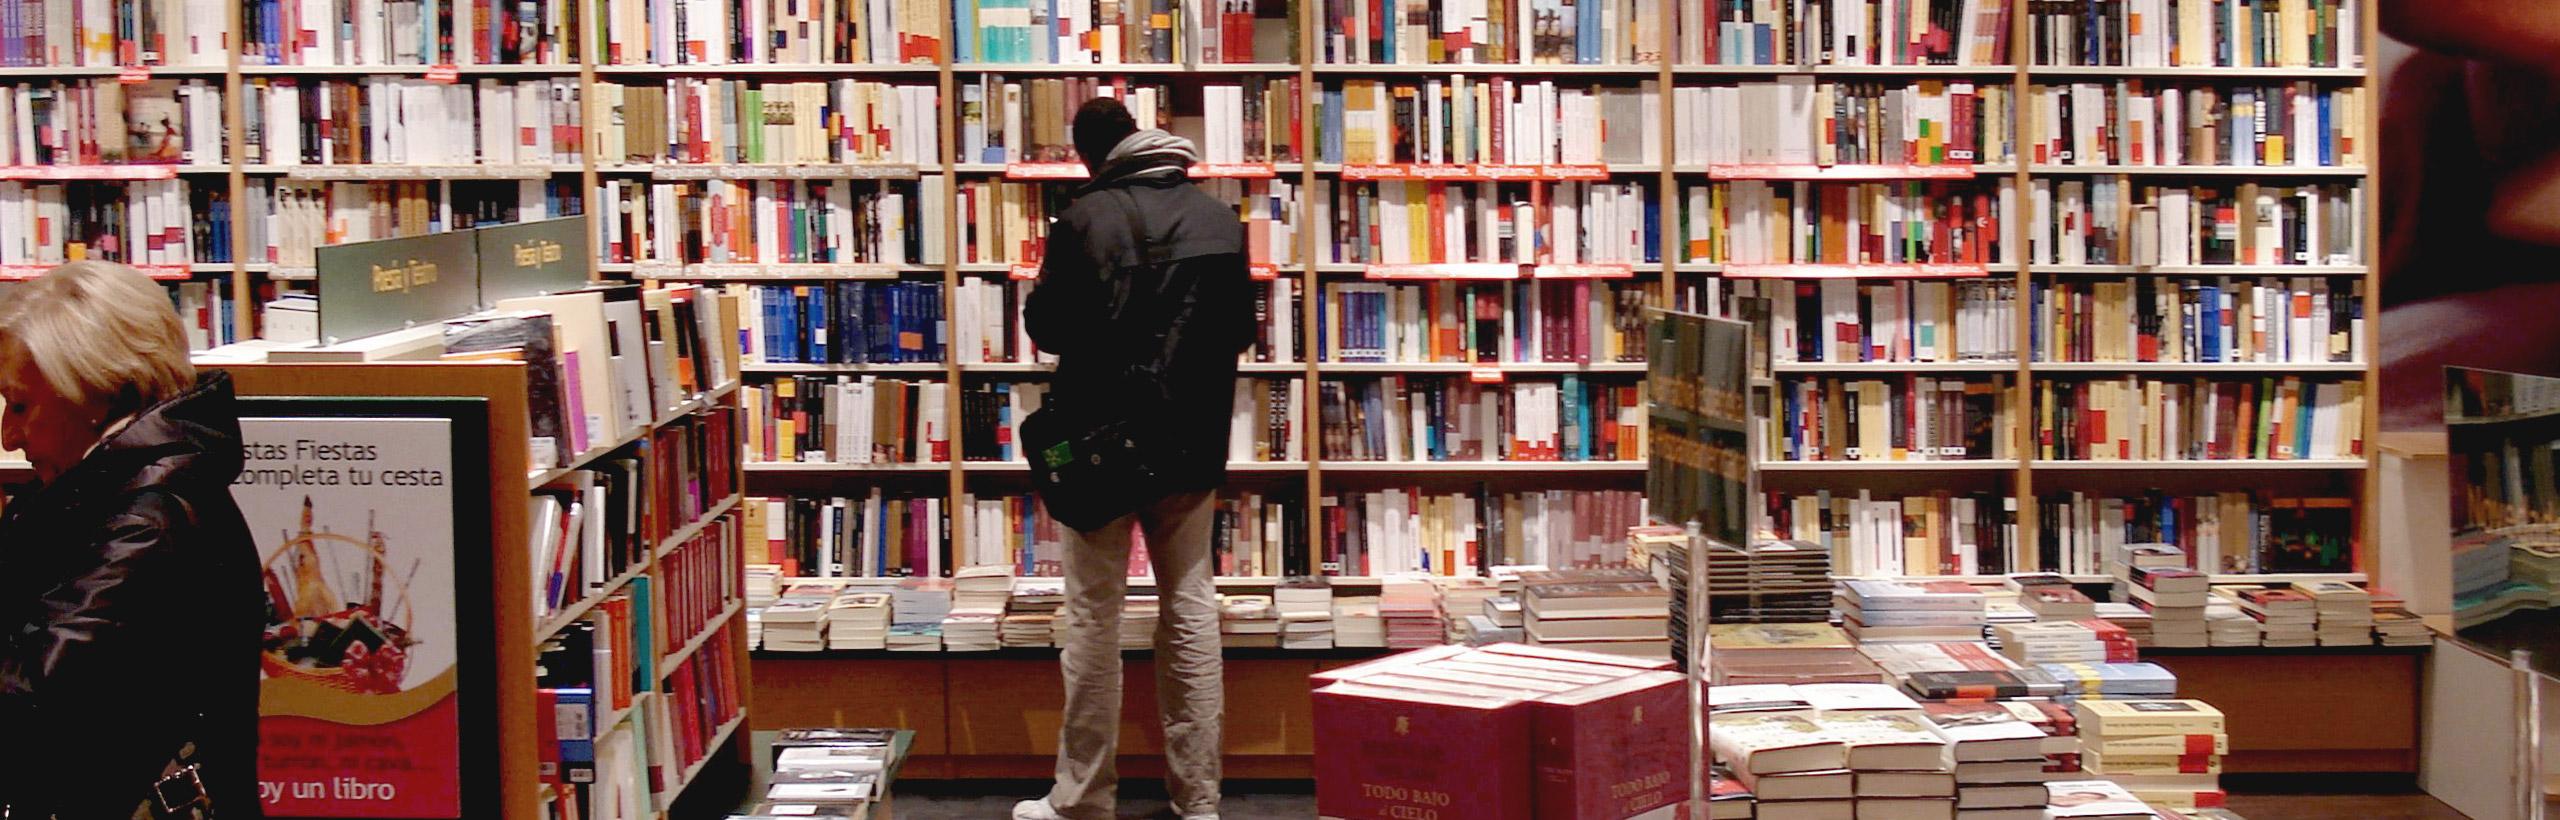 Librerías en todo el territorio español y una librería virtual que distribuye a los cinco continentes.